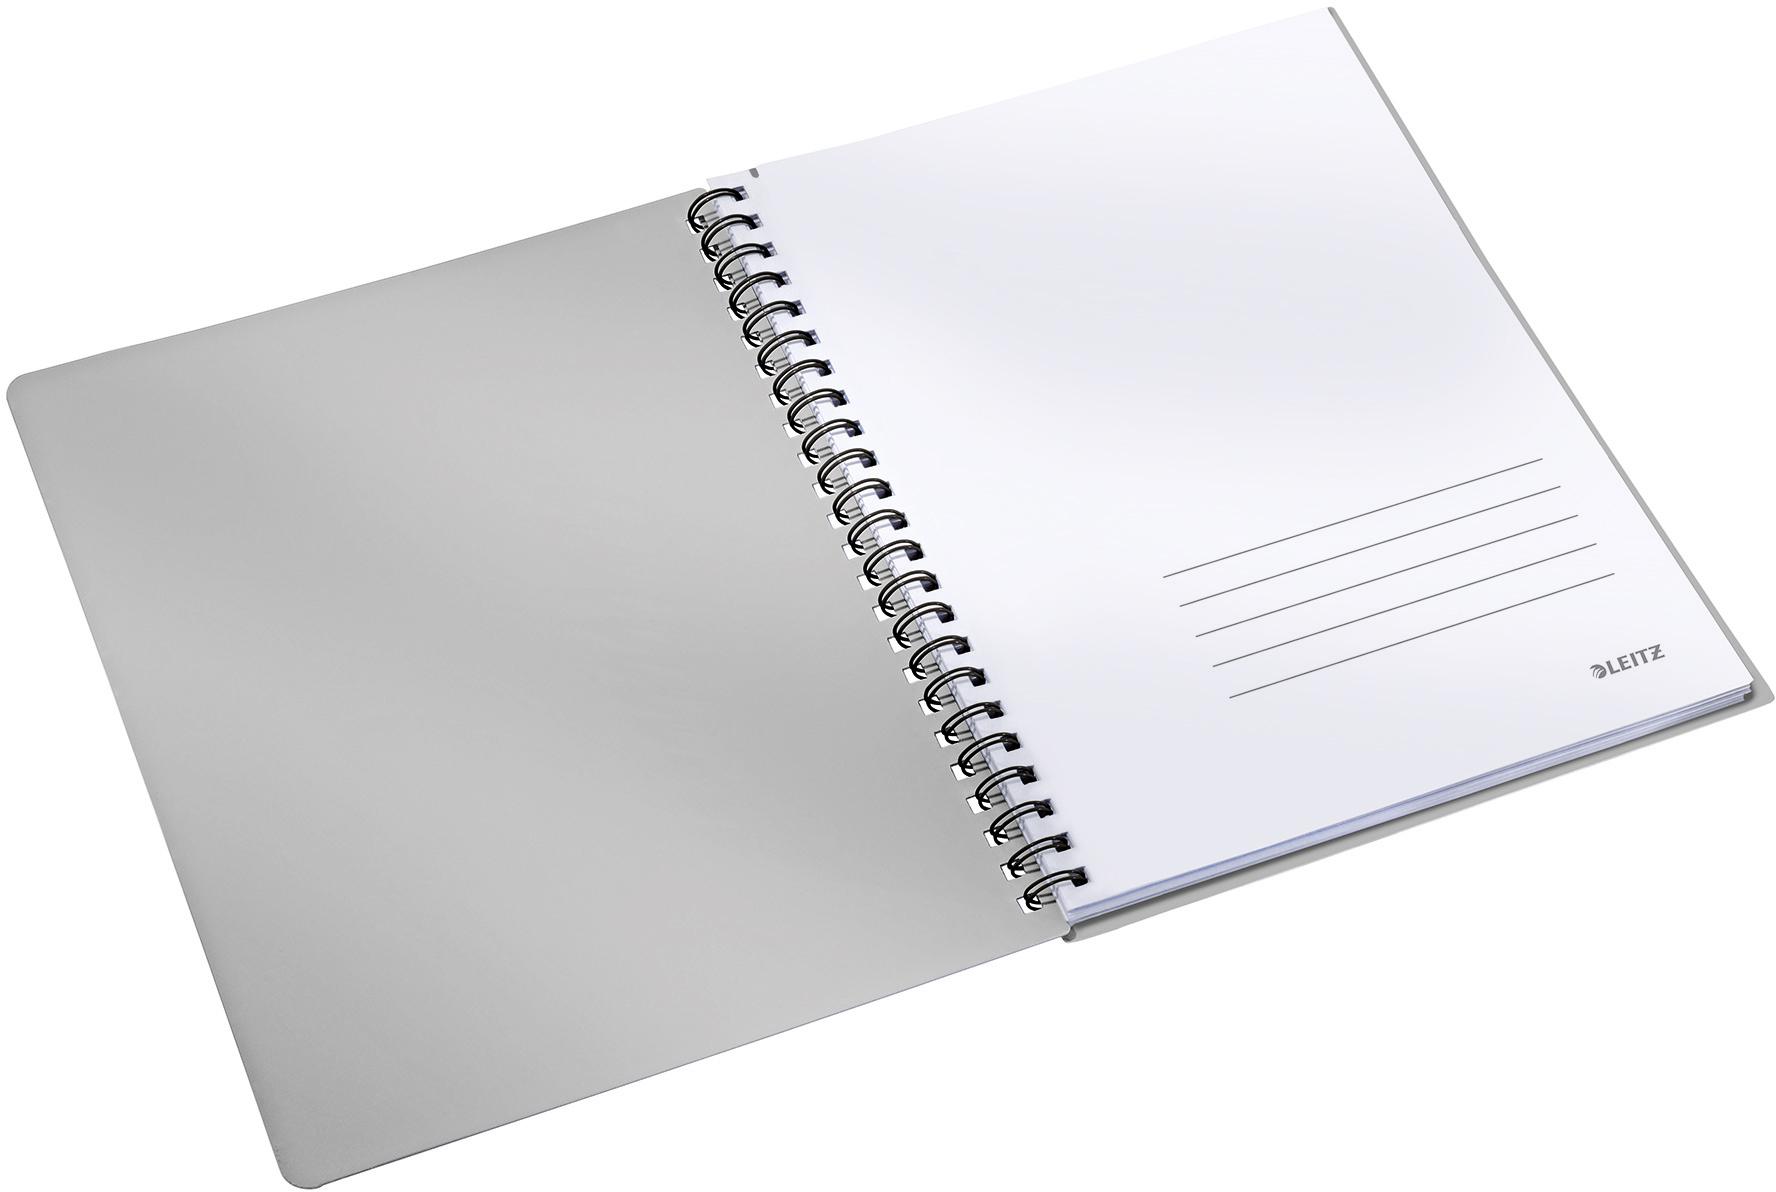 Geöffneter Leitz Executive Collegeblock A4 mit karierten Seiten und Introseite für Kontaktdaten